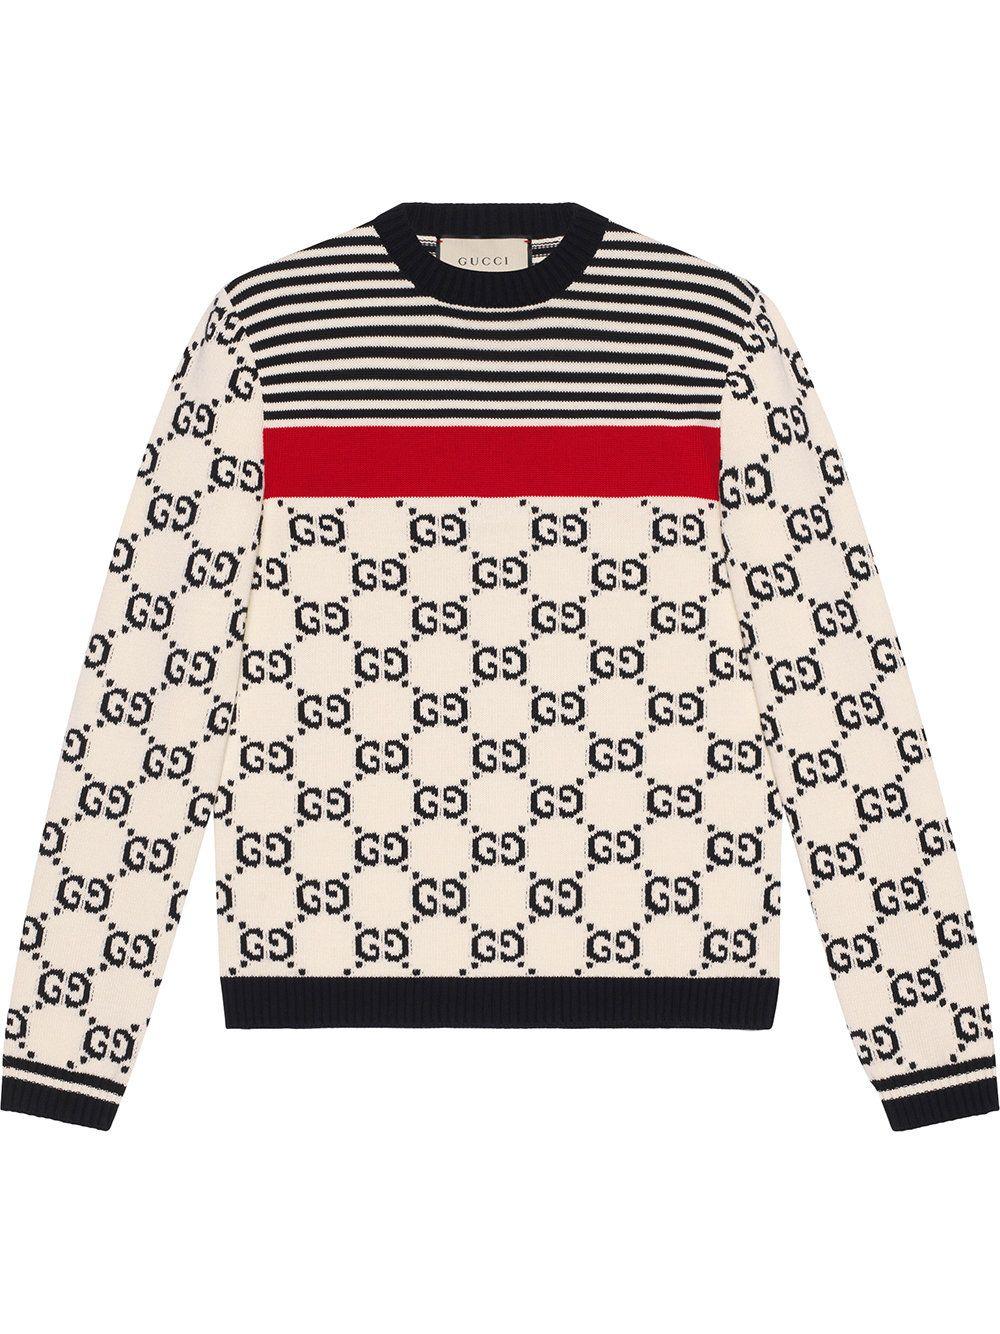 30378062a Gucci GG intarsia cotton sweater | The Man | Gucci sweater mens ...